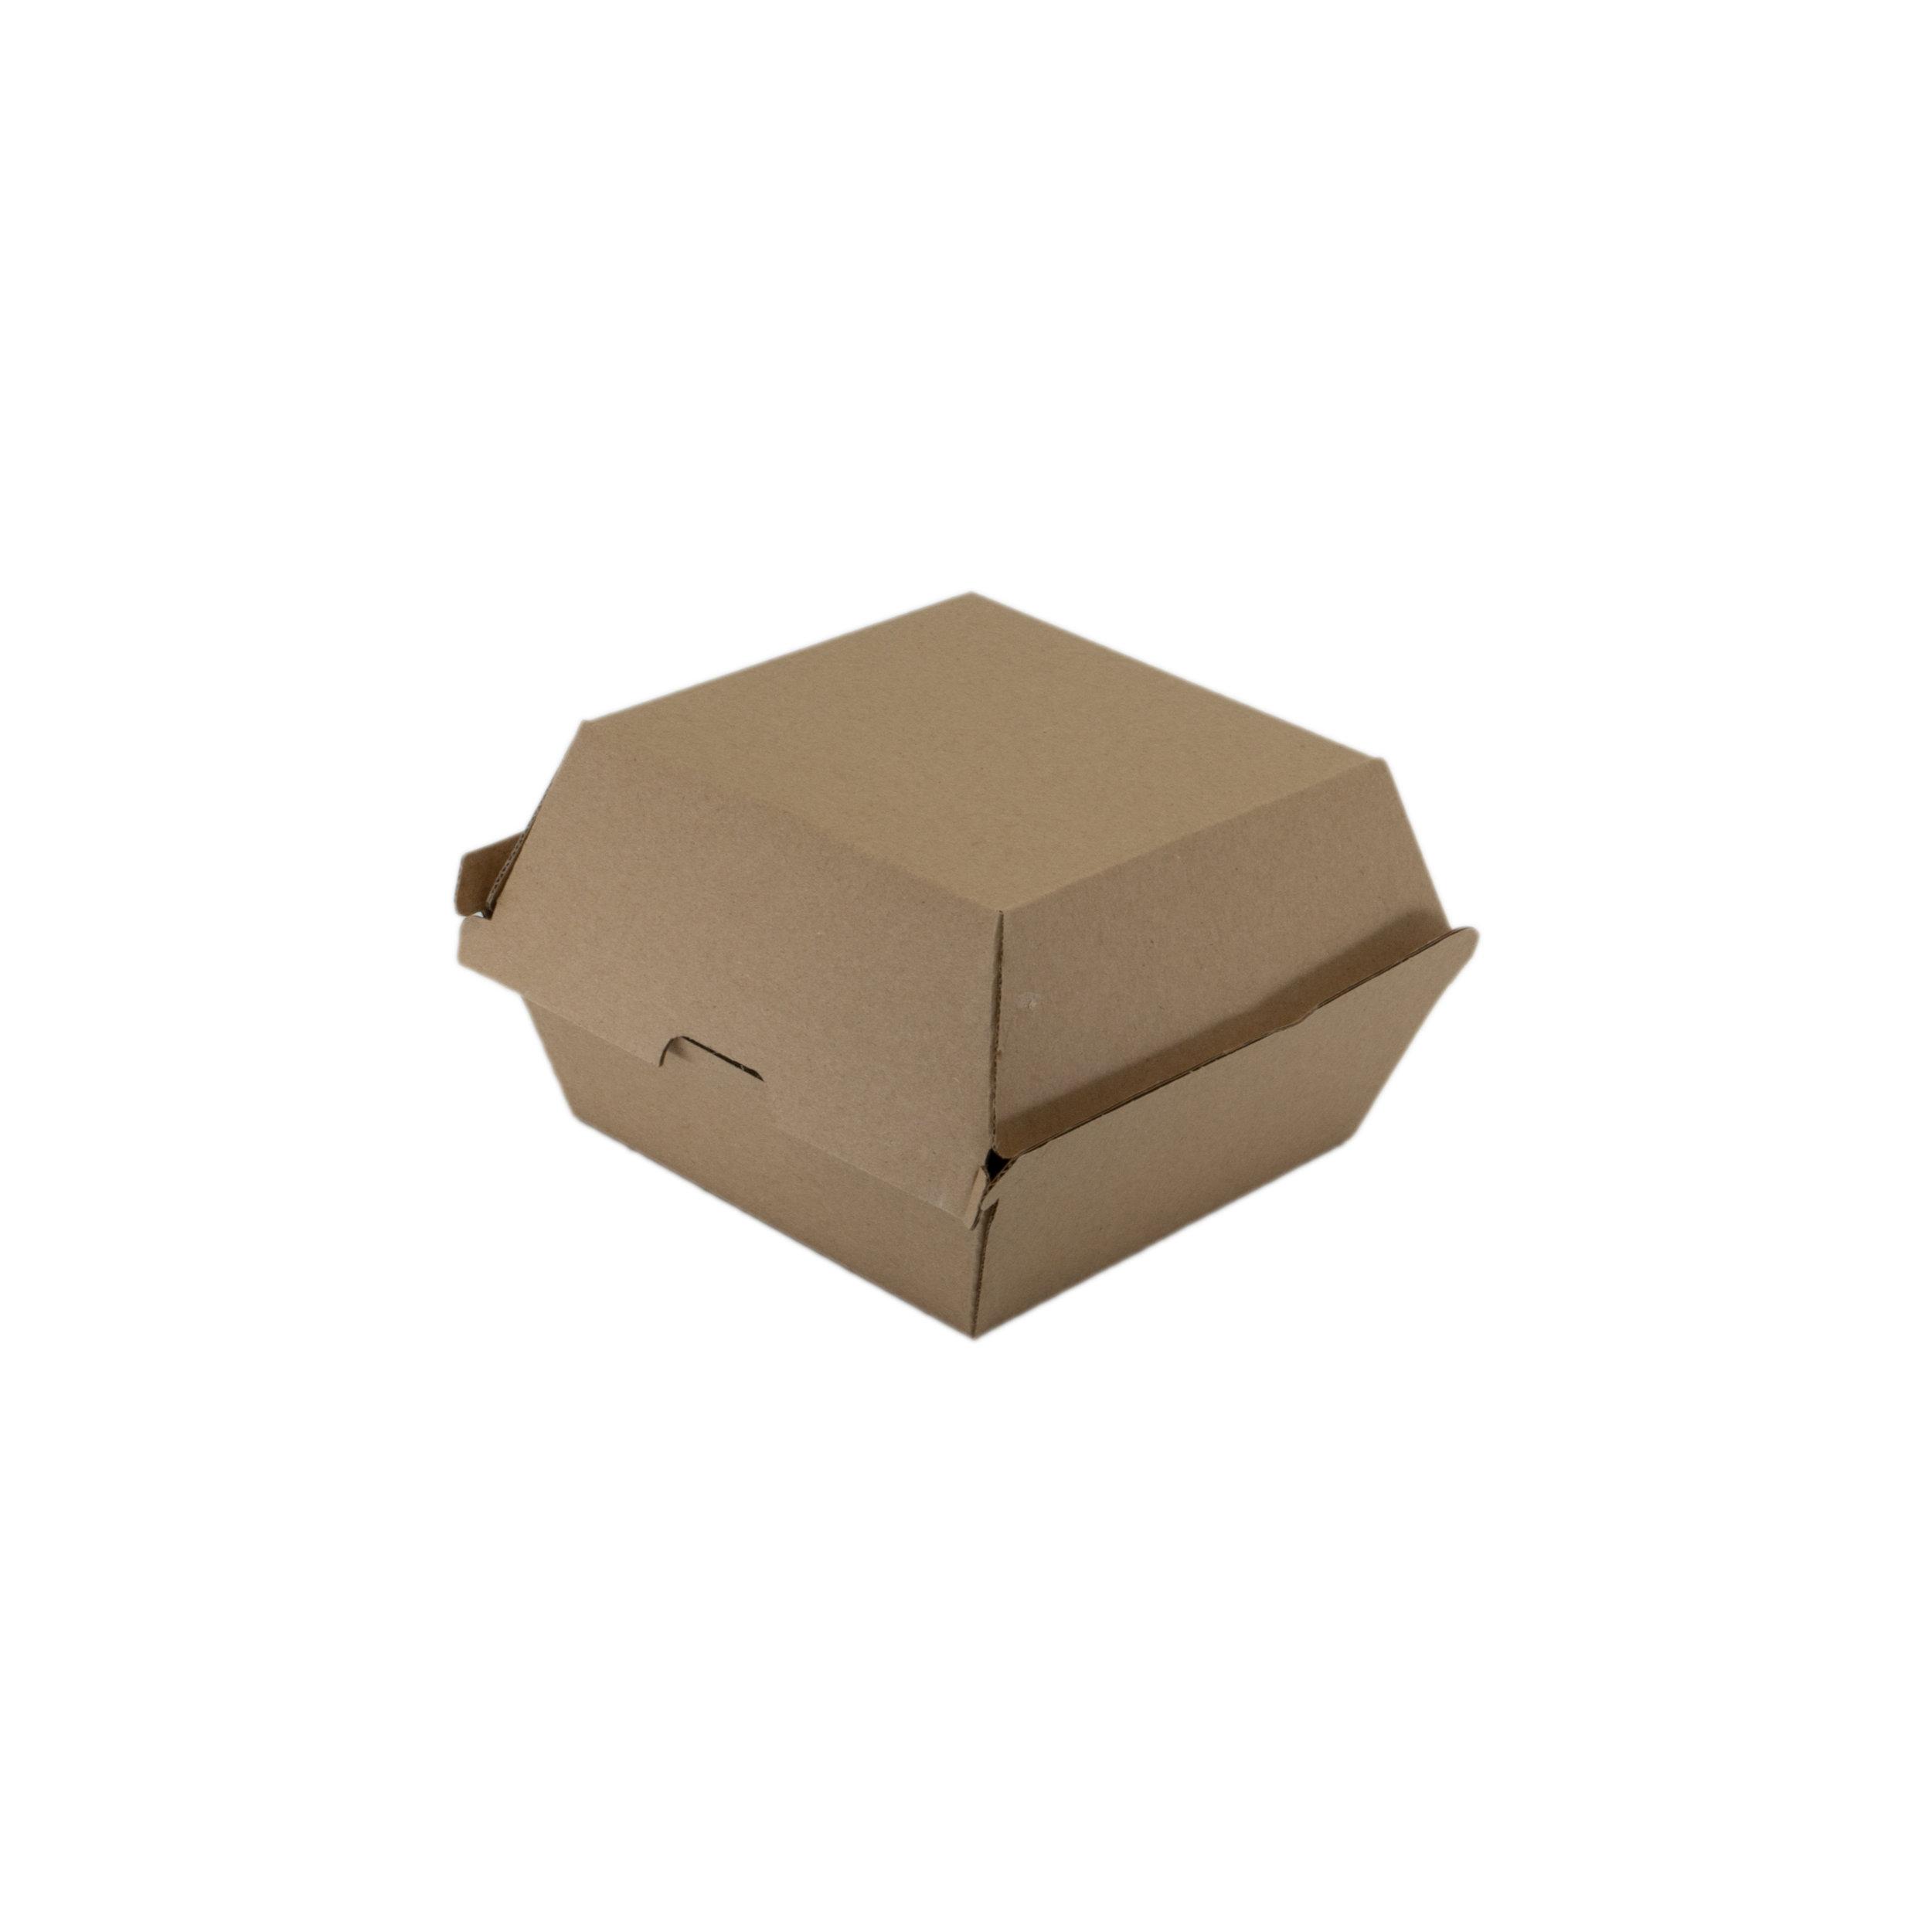 IK-EBB1 Burger Box   102x105x80mm  4x50 slv 200pcs